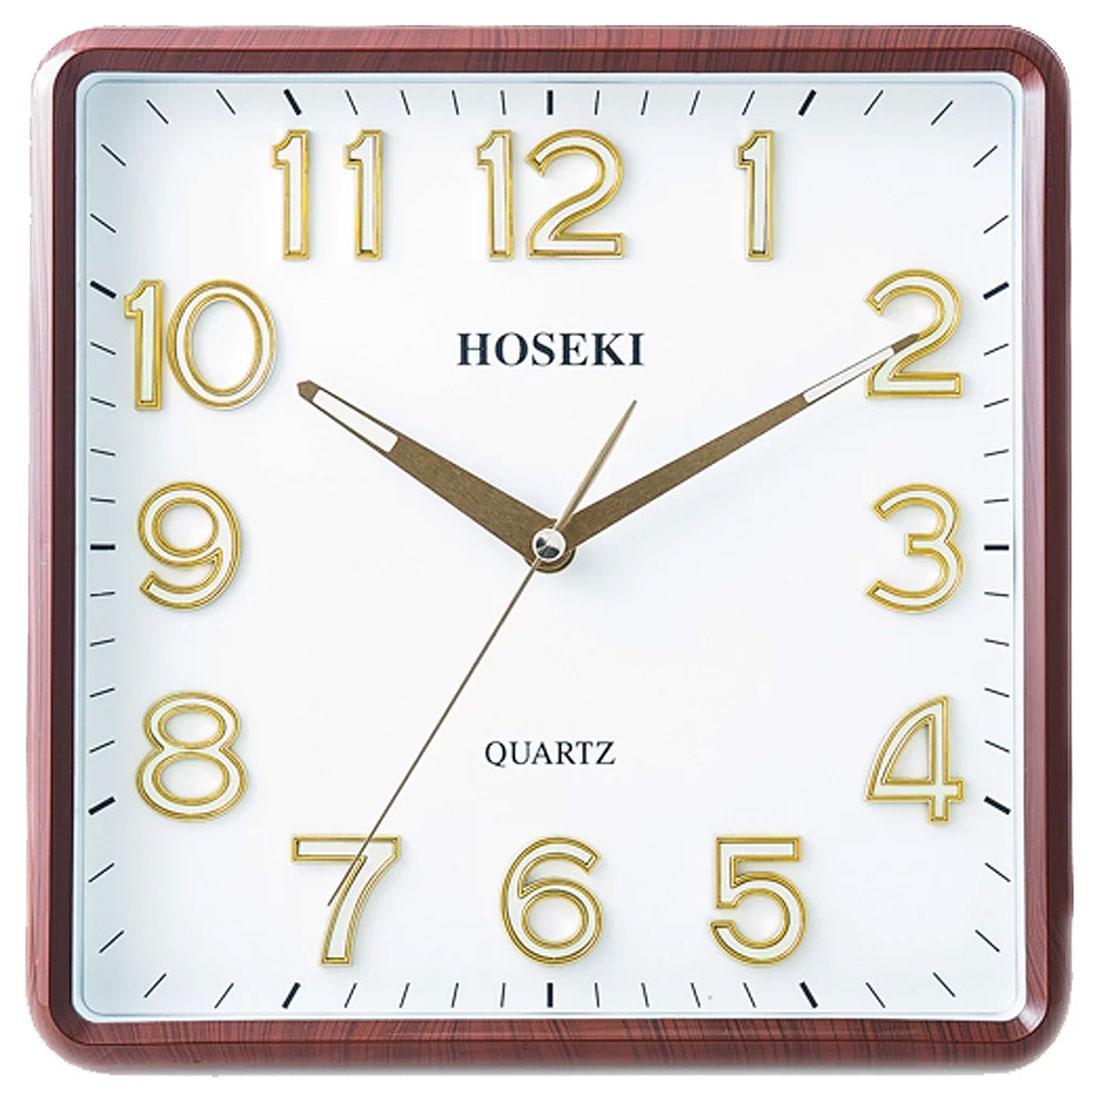 Hoseki Quartz H-9210BR H-9210 Brown Square Analog Wall Clock